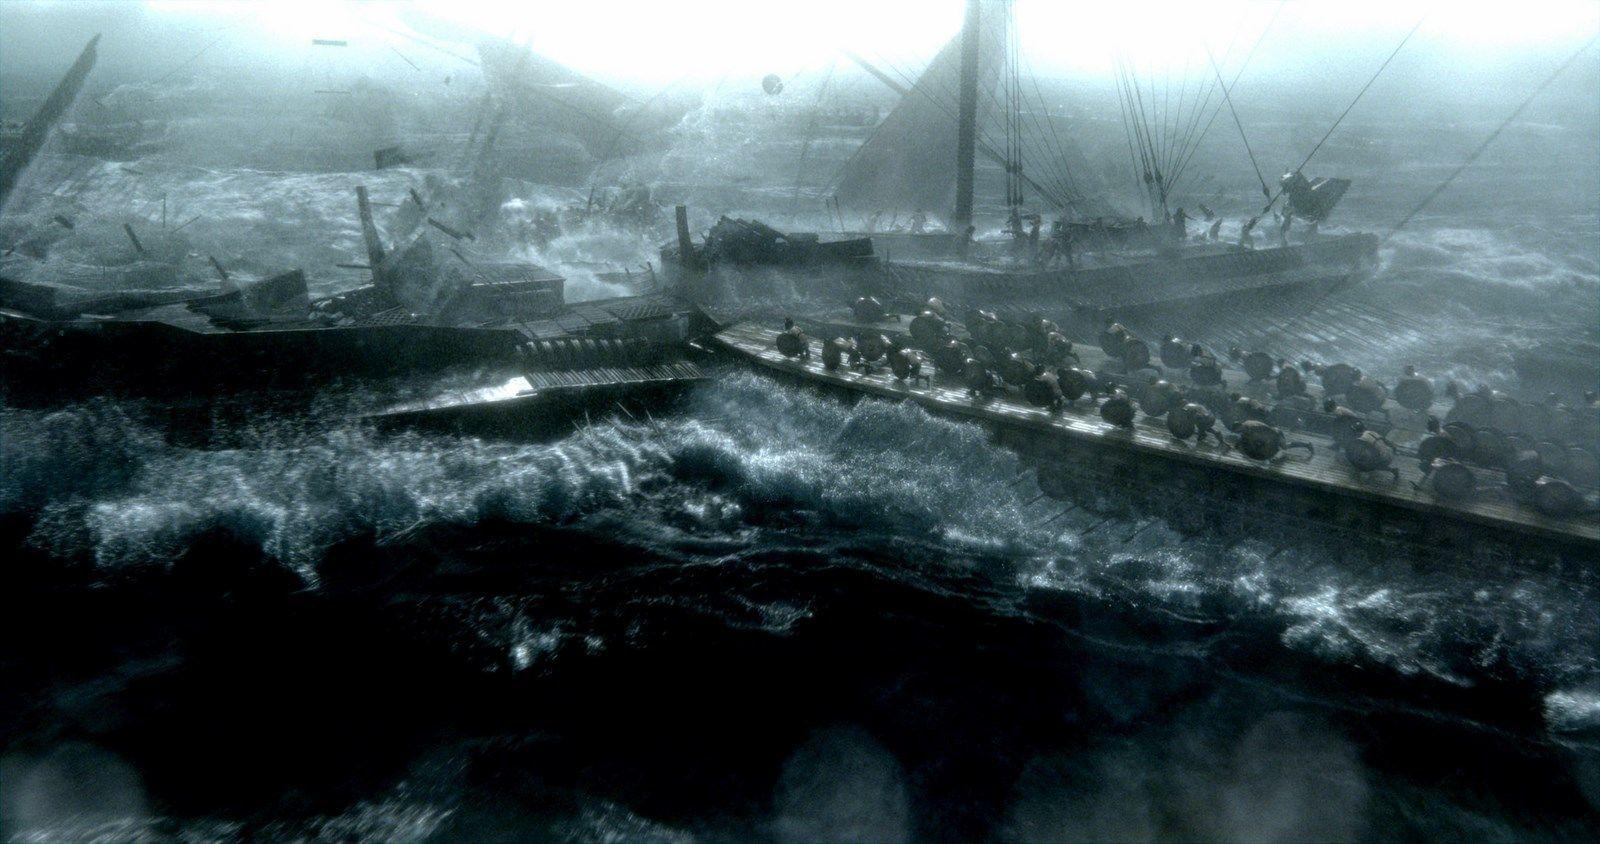 Quand 300 était sous la dominance des couleurs chaudes, La naissance d'un empire se déroule dans une image nimbée de couleurs froides.